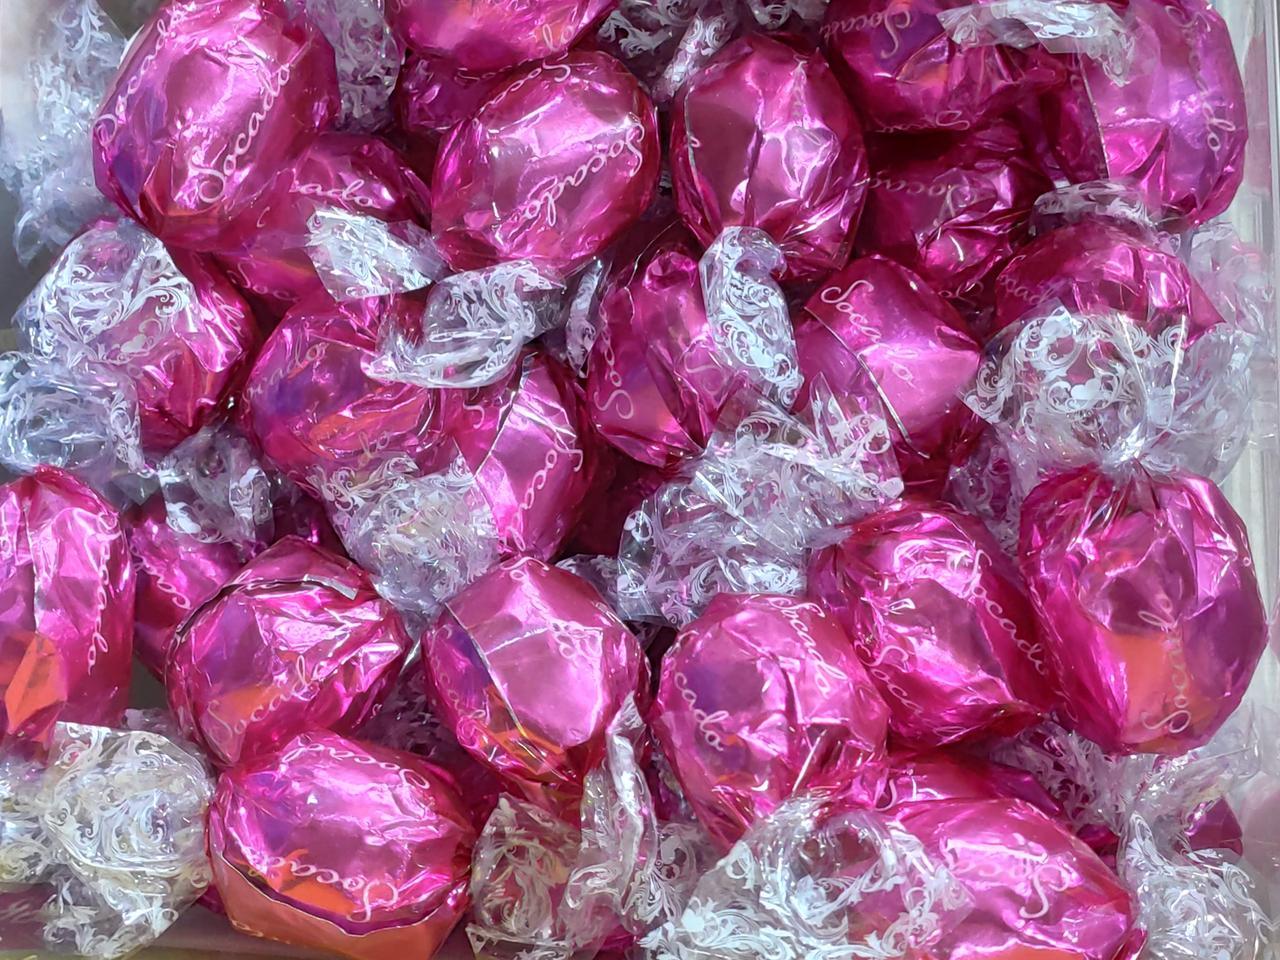 Шоколадные конфеты Socado (Розовые) /Италия/  1кг